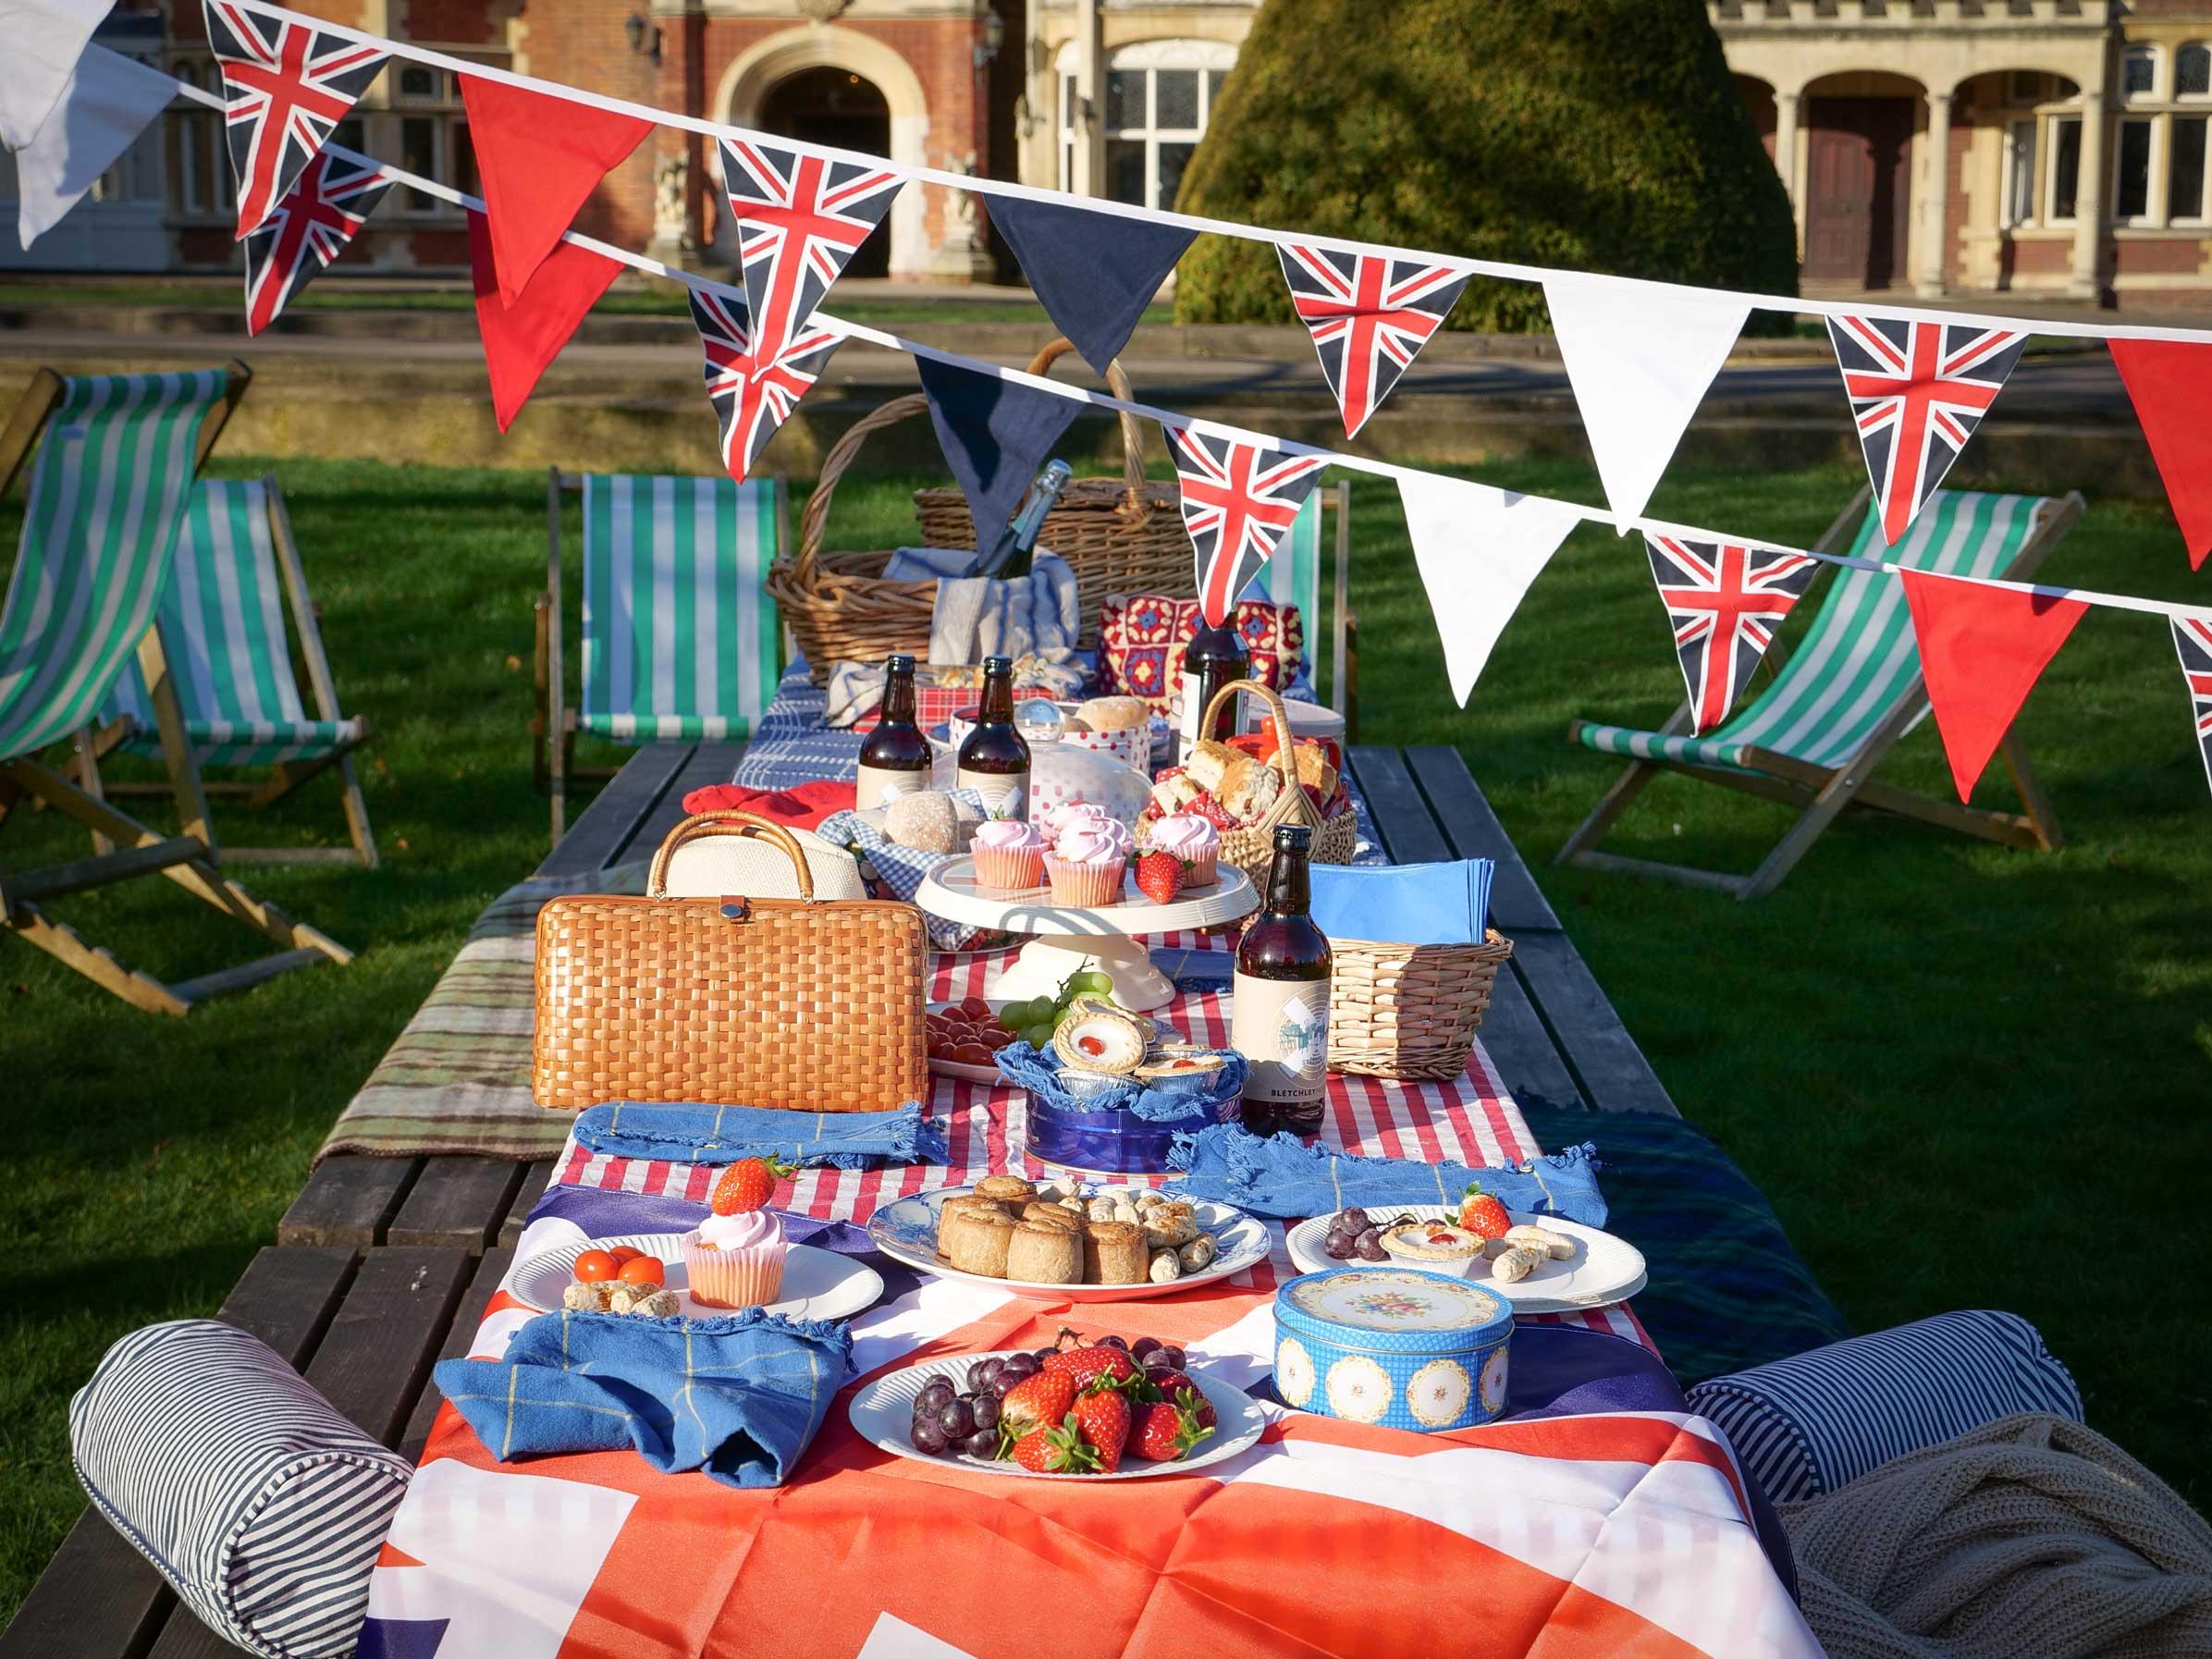 Celebrate VE Day 75 at Bletchley Park